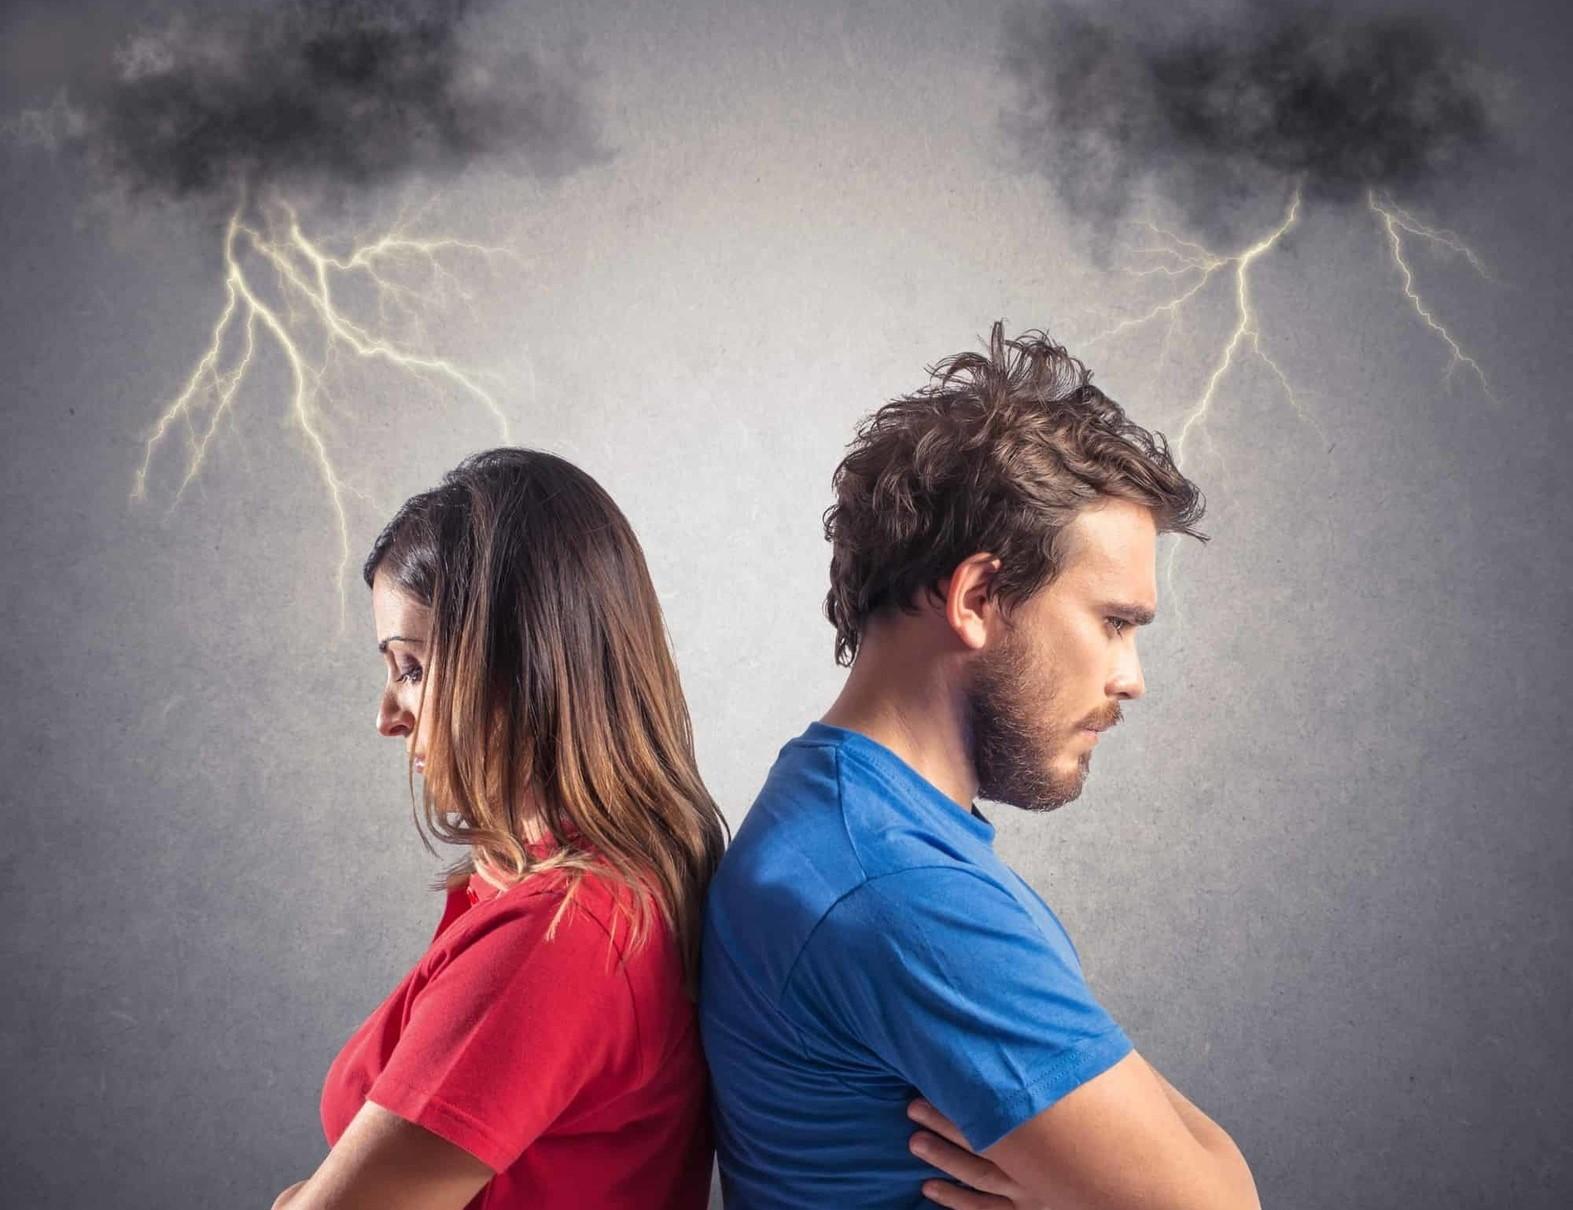 Партнер по жизни не нужен – легче прожить одному: мужское и женское мнение